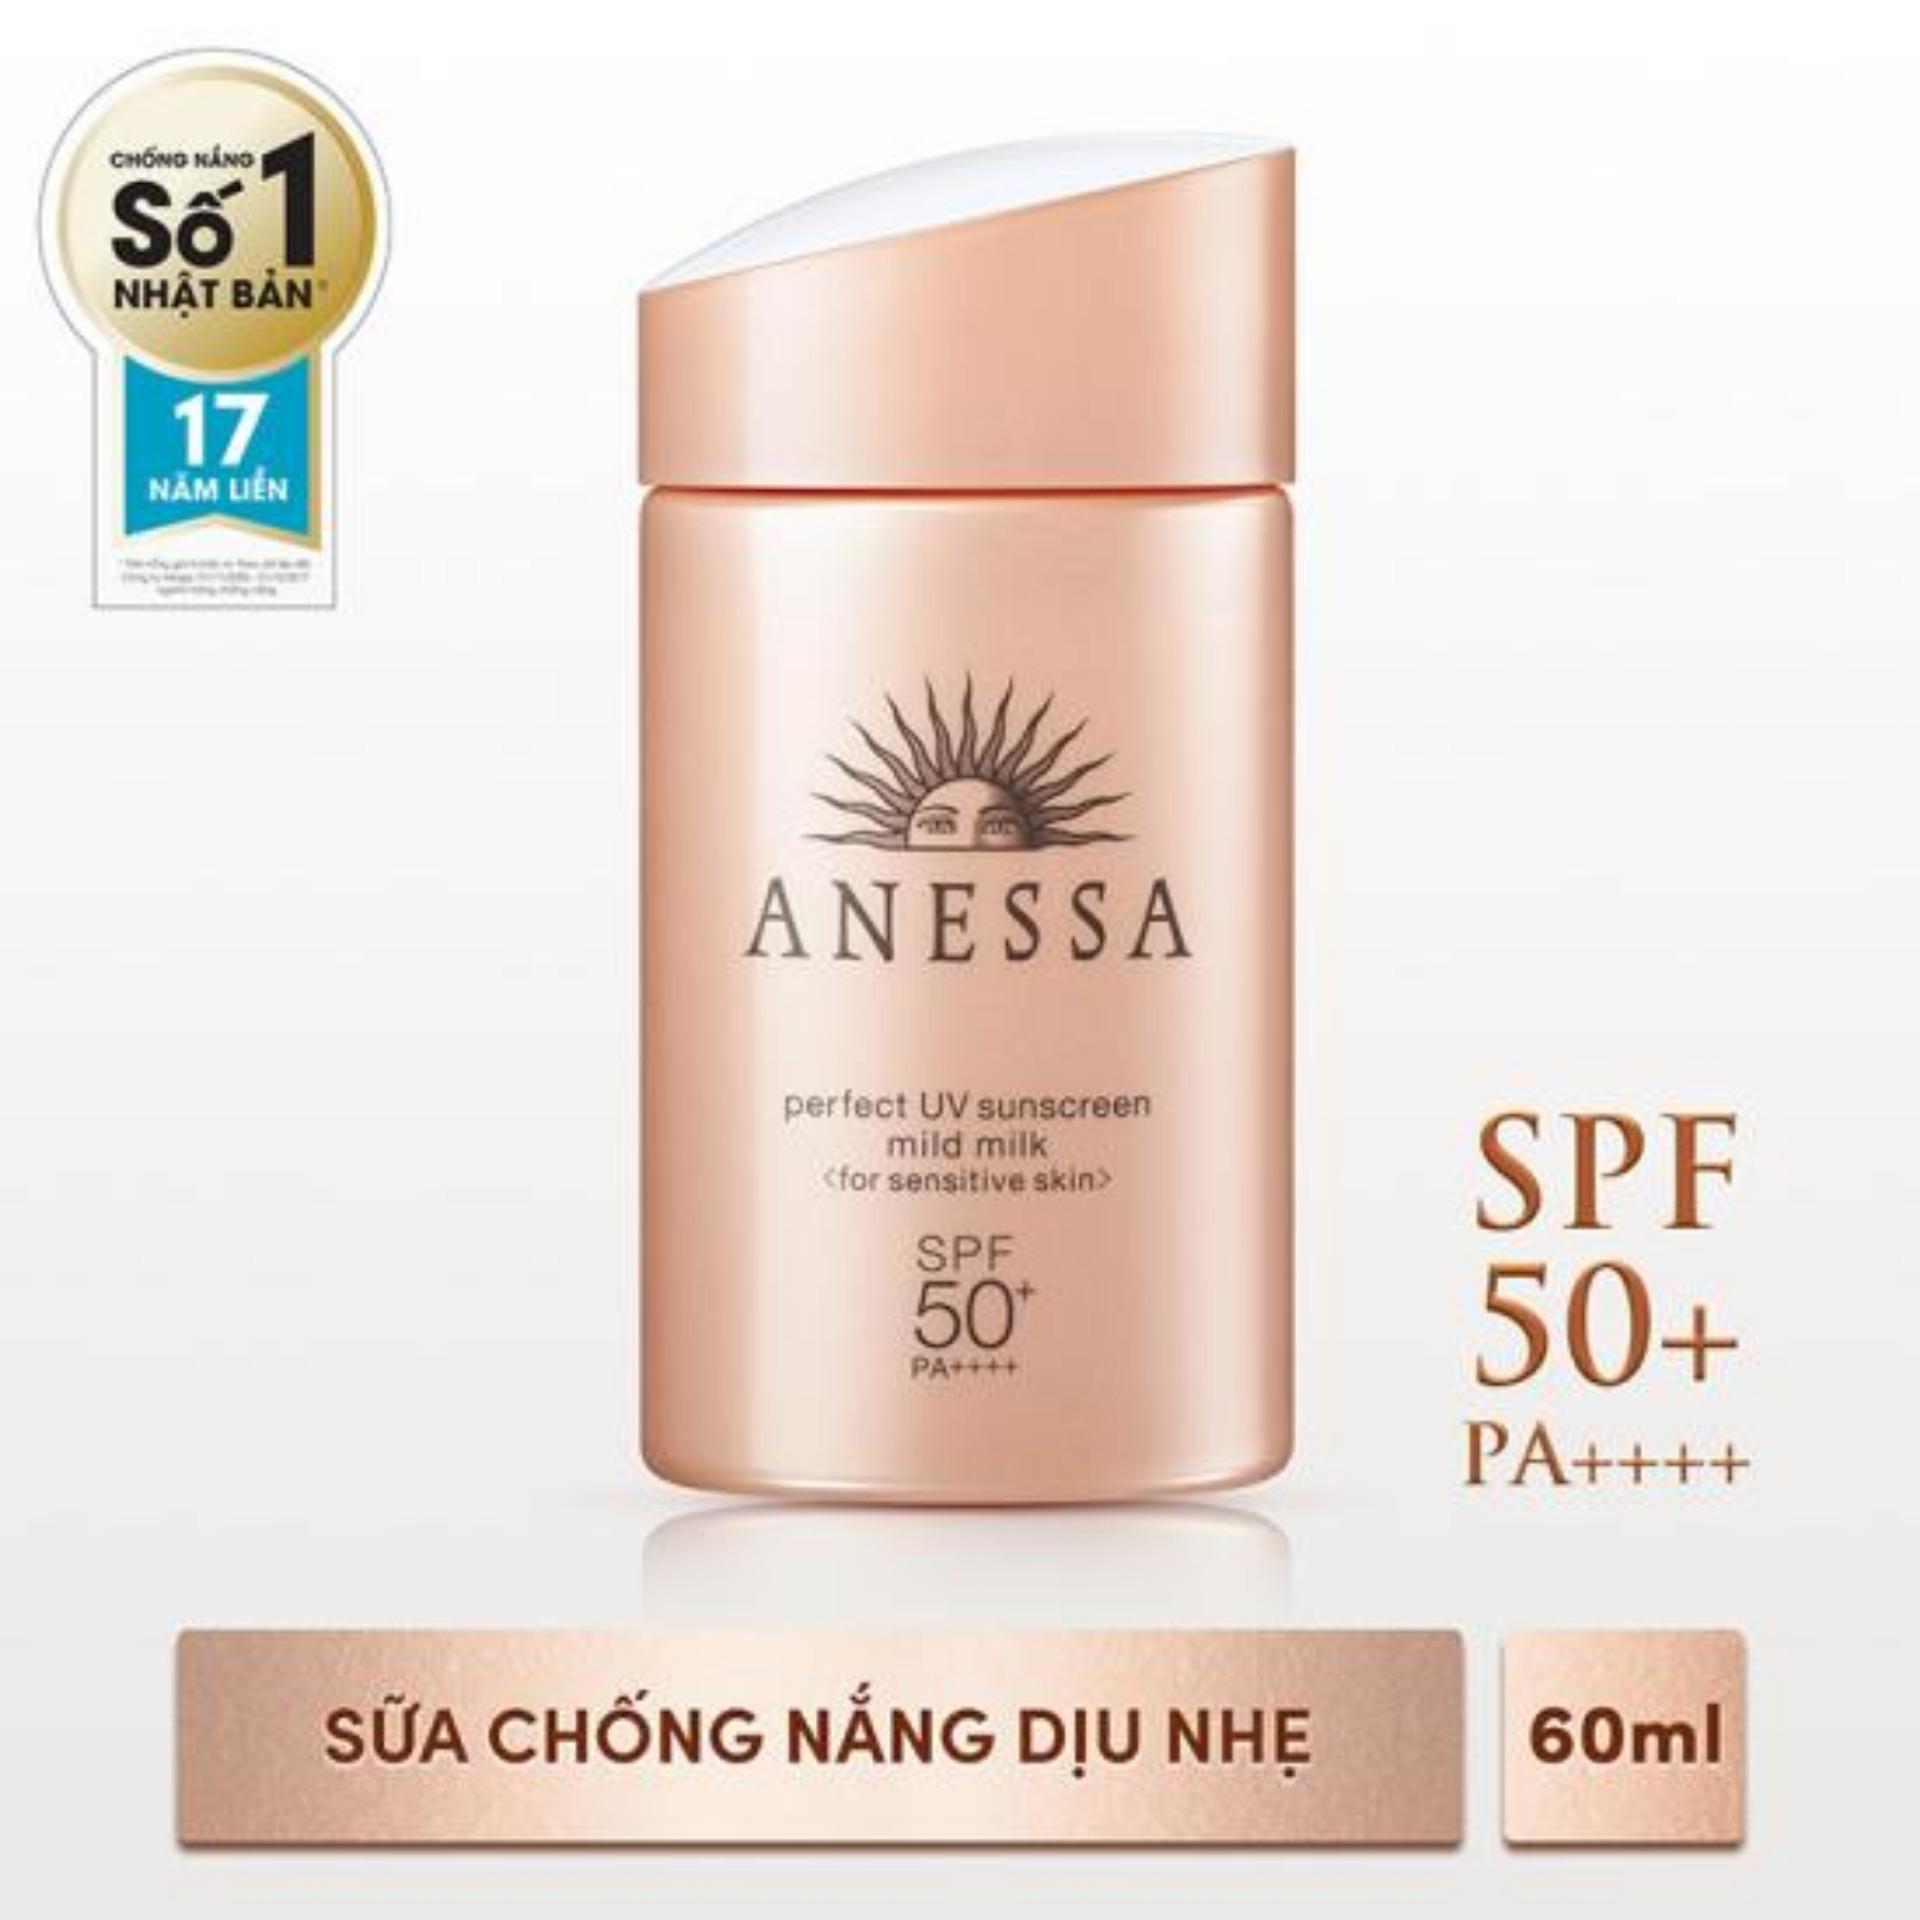 Sữa chống nắng dành cho da nhạy cảm Anessa mild milk SPF50+ 60ml chính hãng